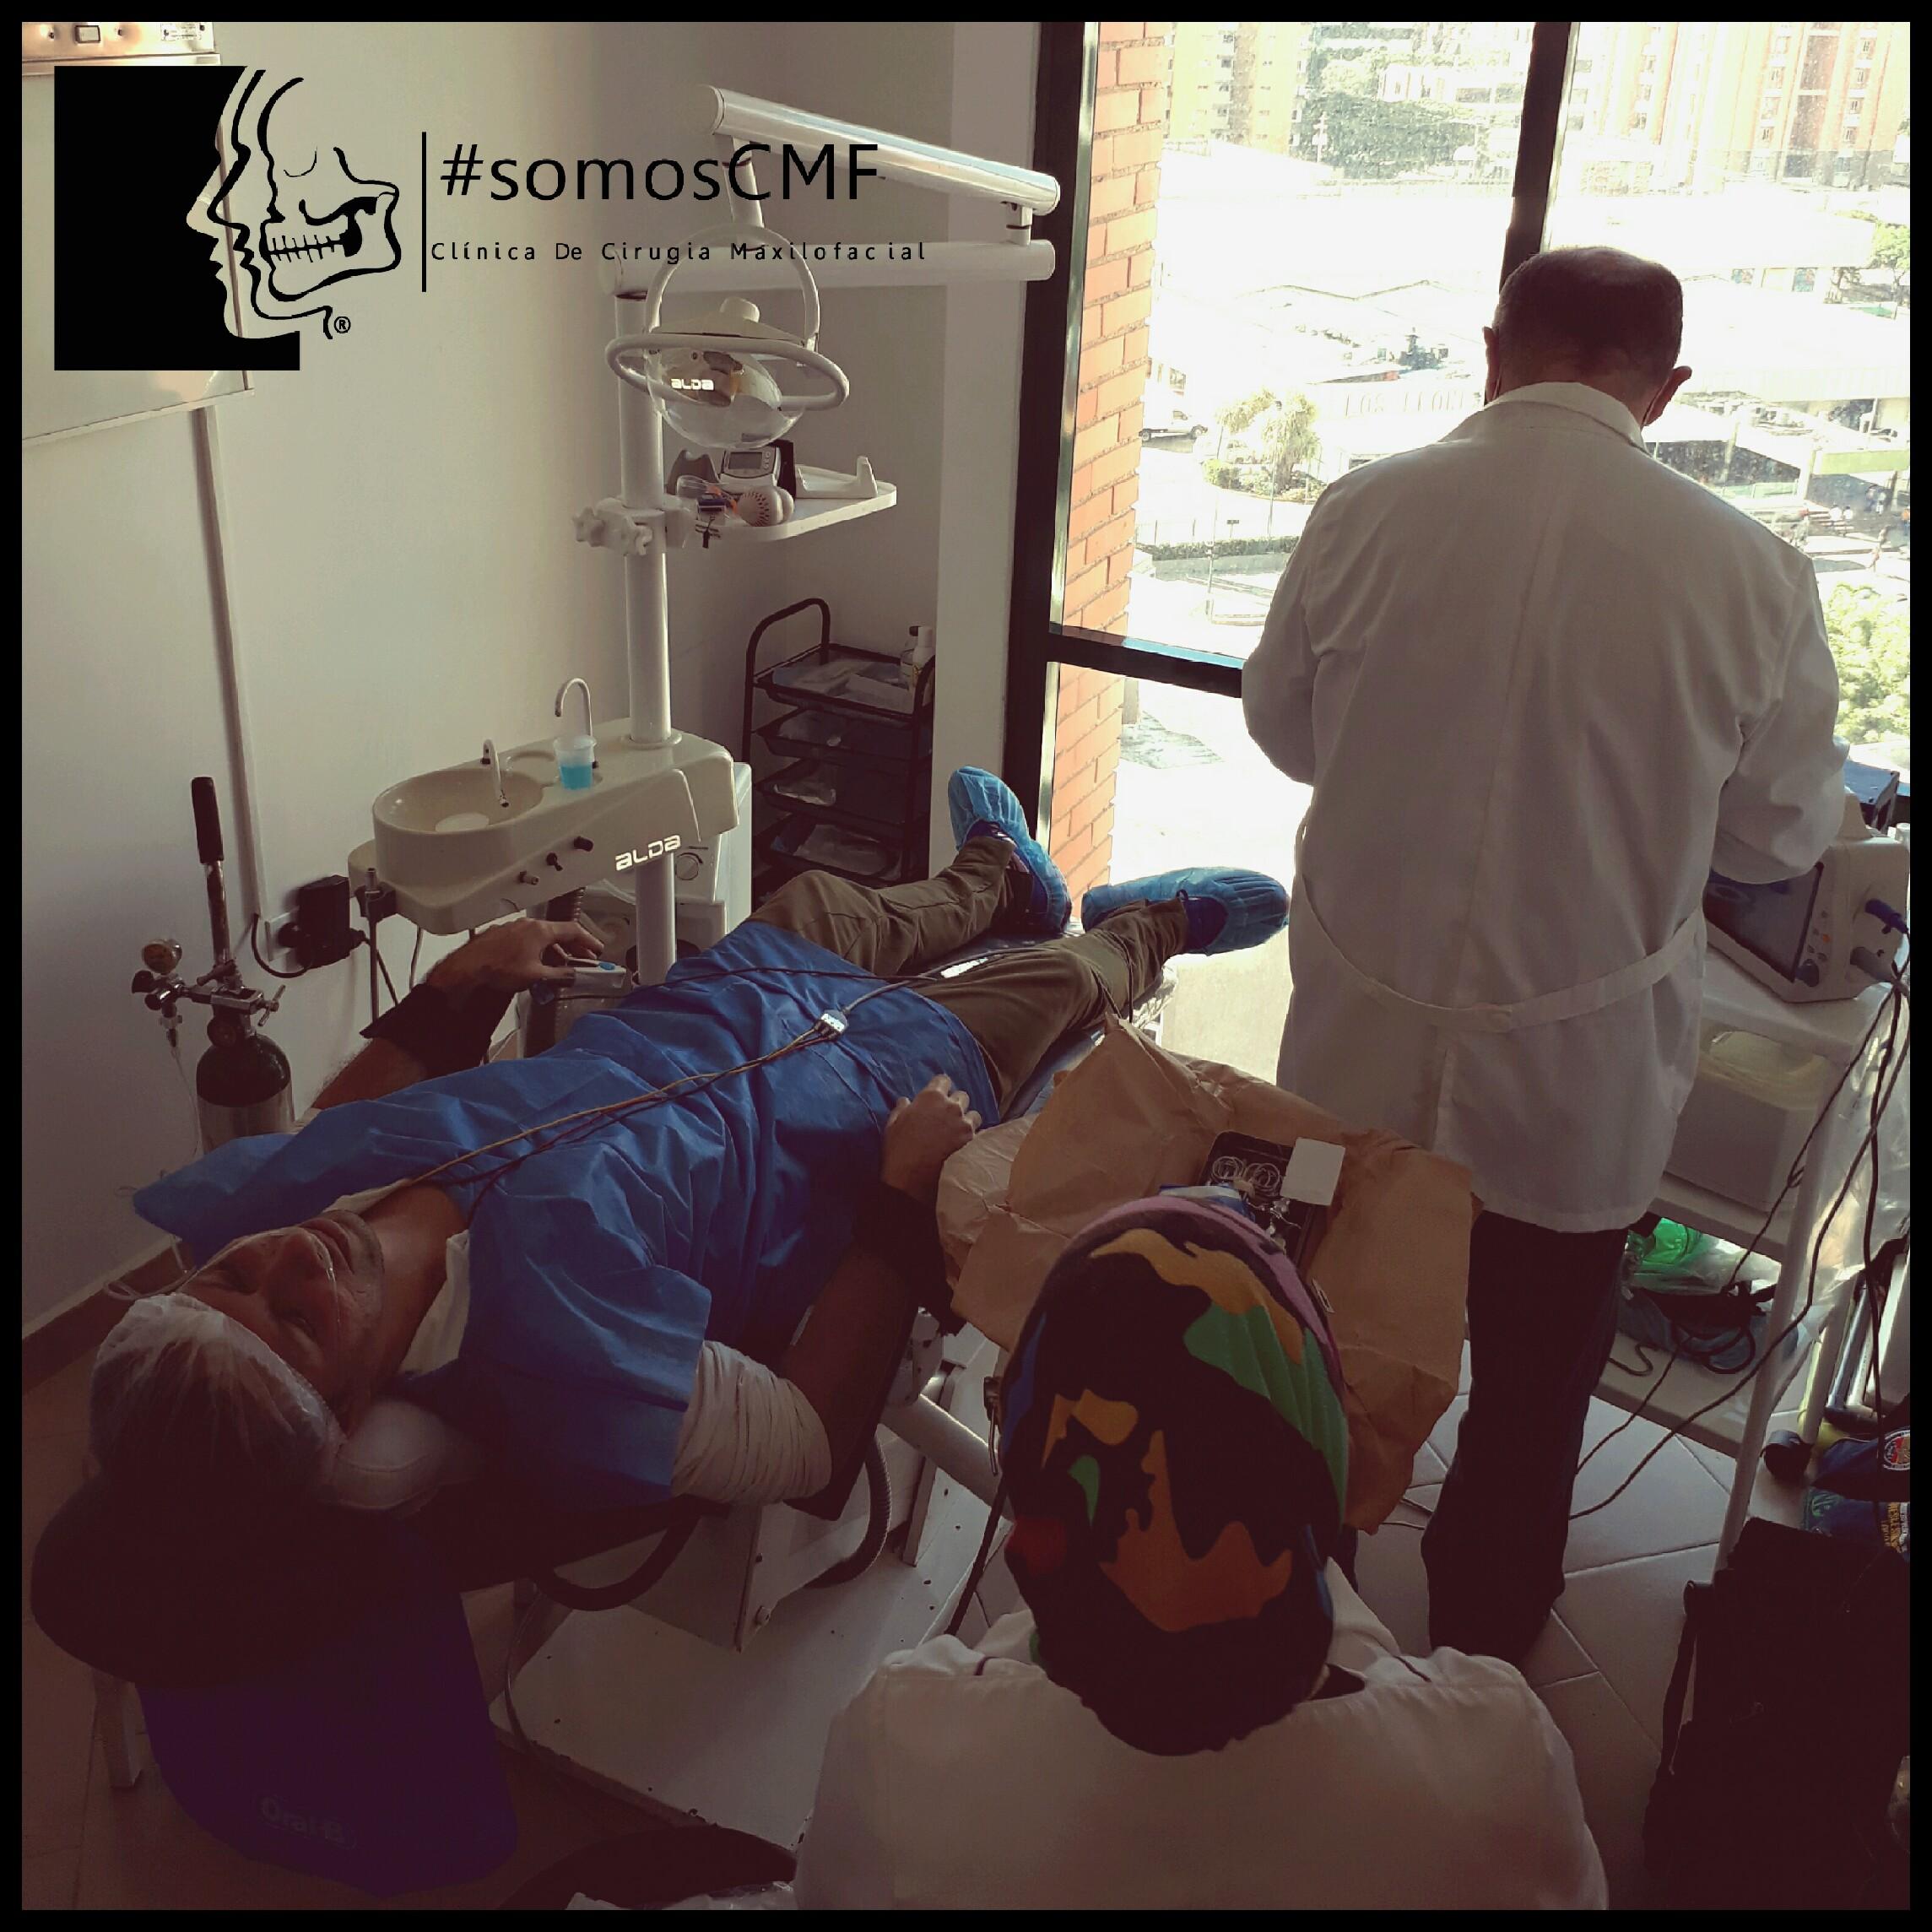 Médico anestesiólogo administrando sedación, endovenosa